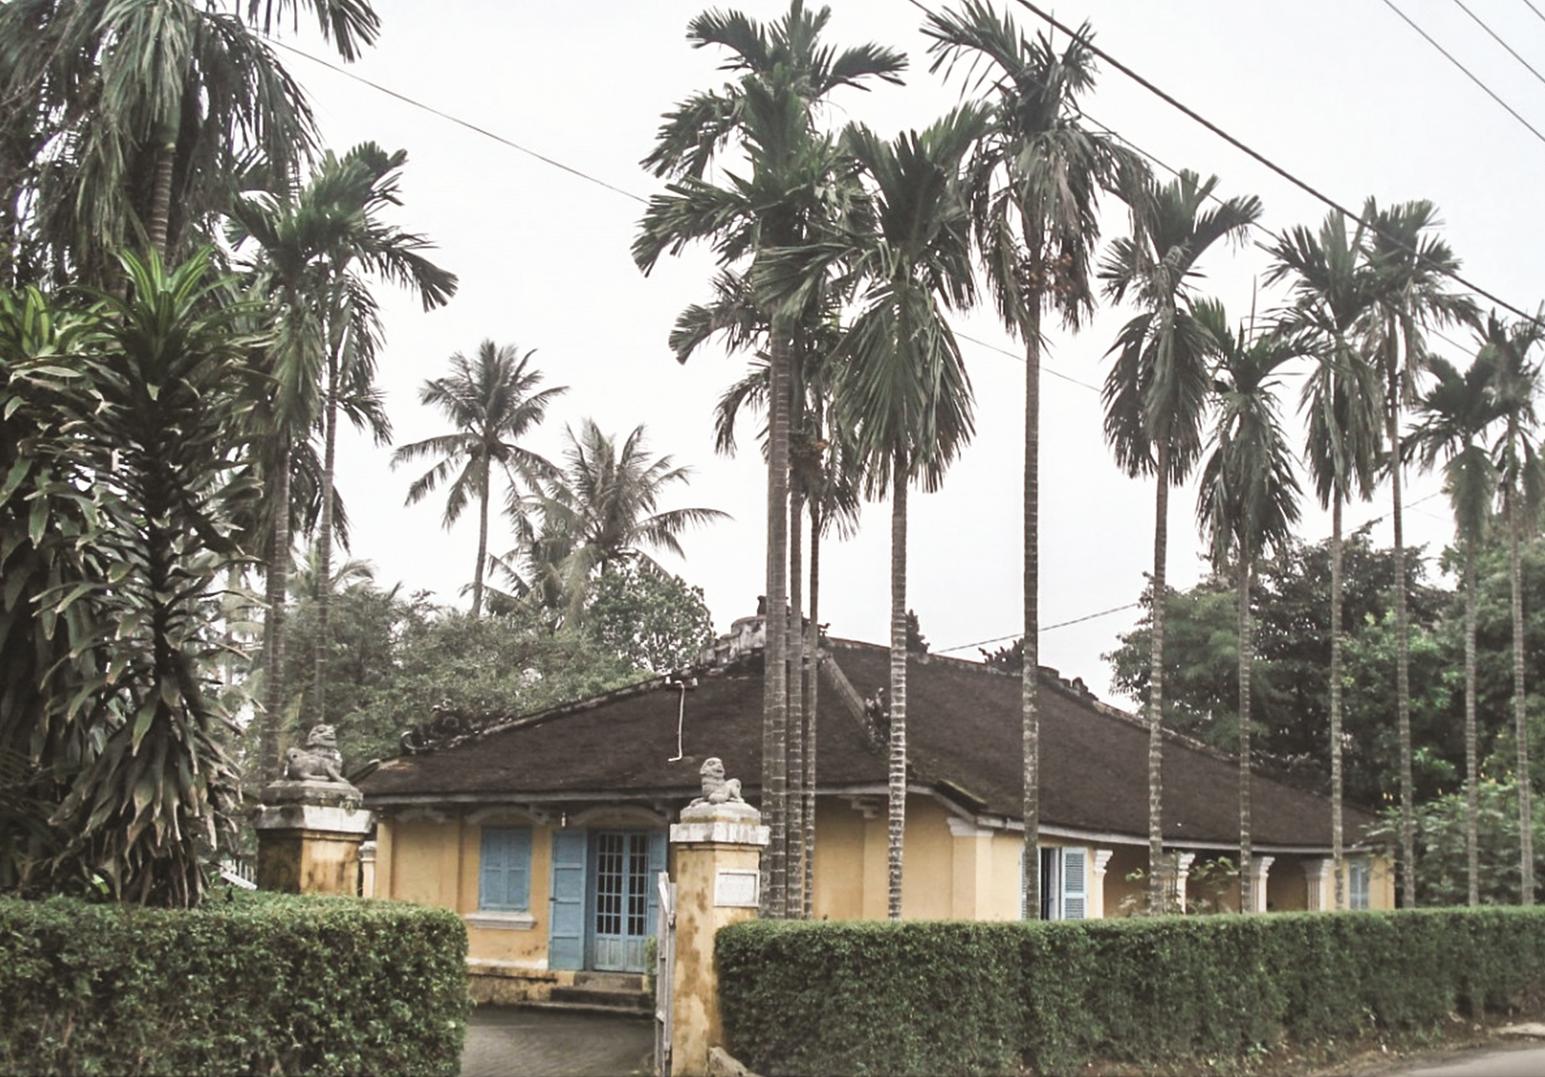 Hồn Việt trong ngôi nhà vườn